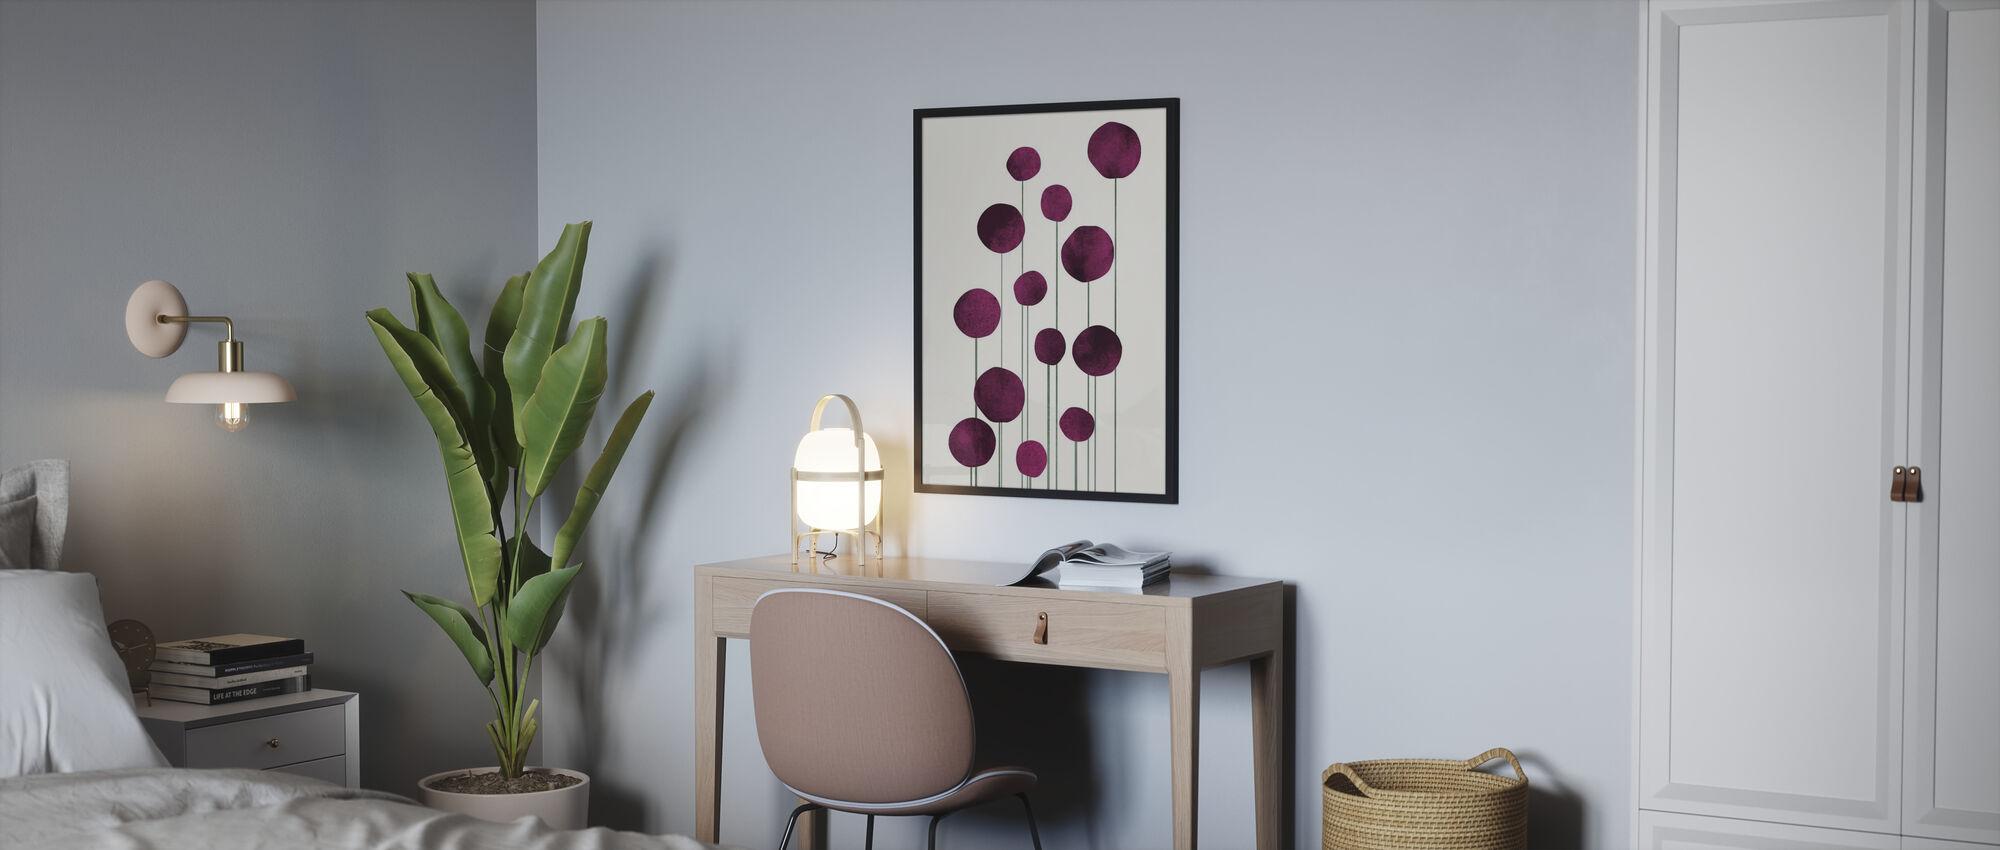 Vatten Blommor - Poster - Sovrum